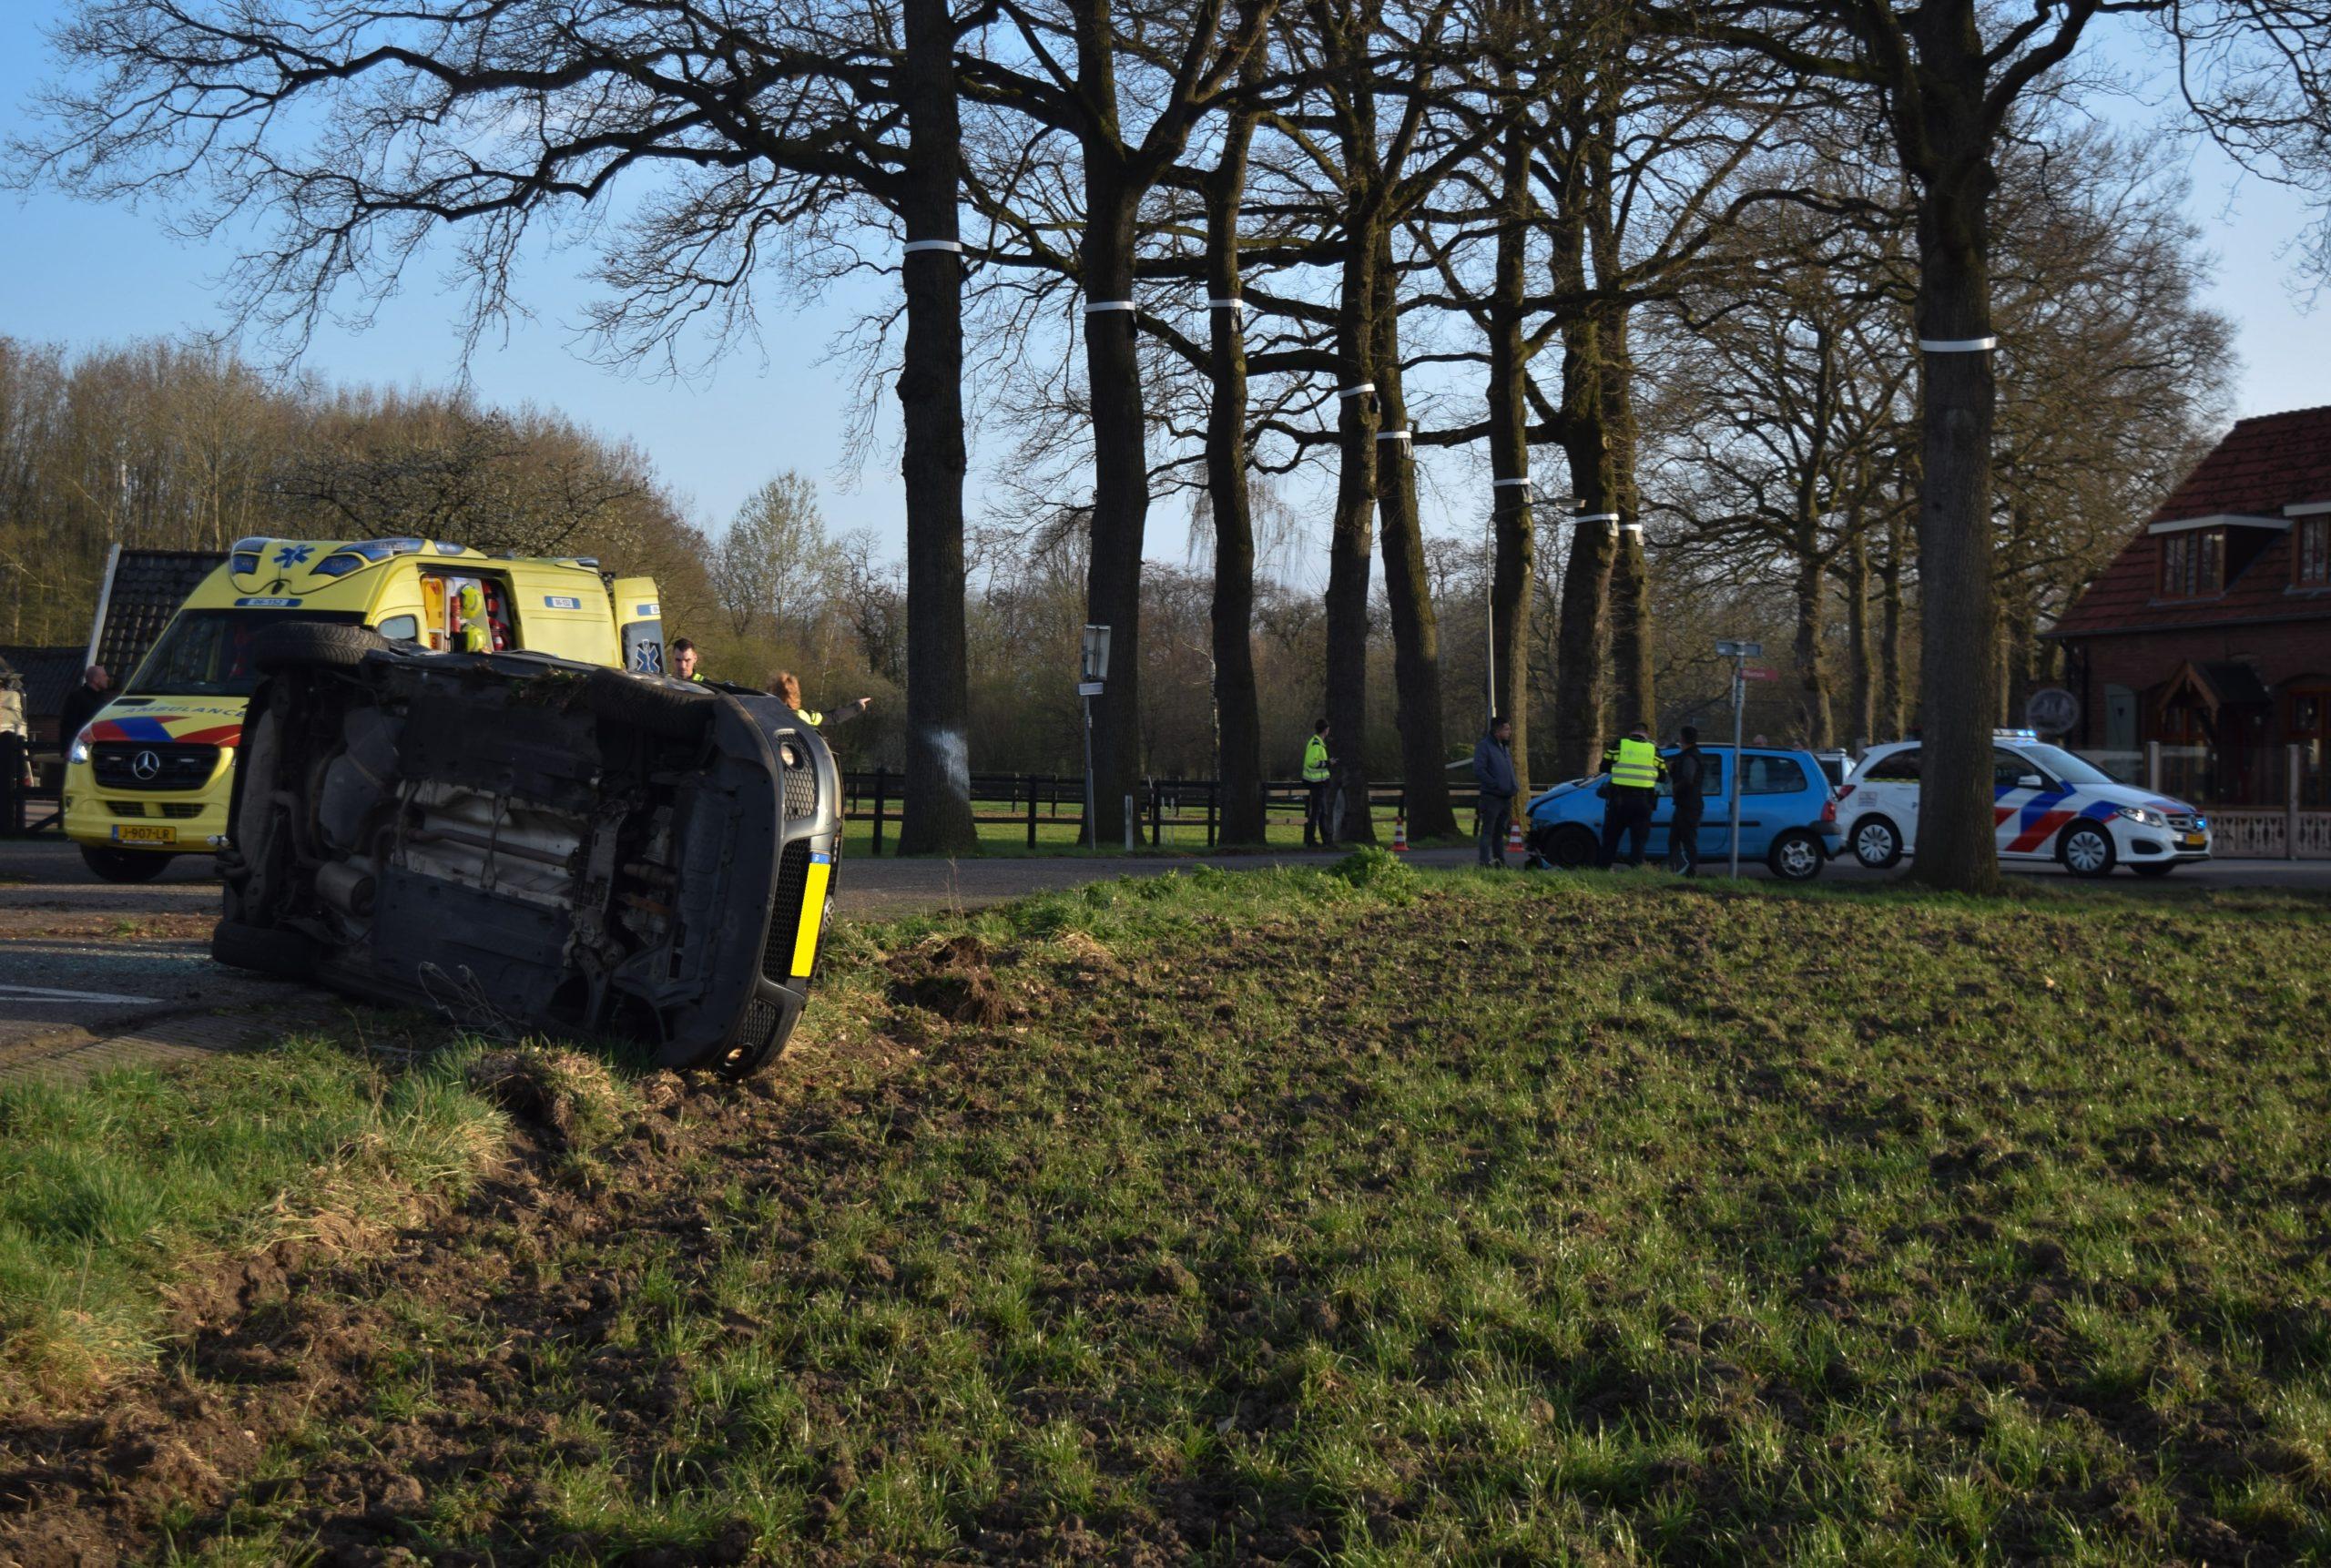 Flinke ravage na verkeersongeval op kruising in het buitengebied van Doetinchem